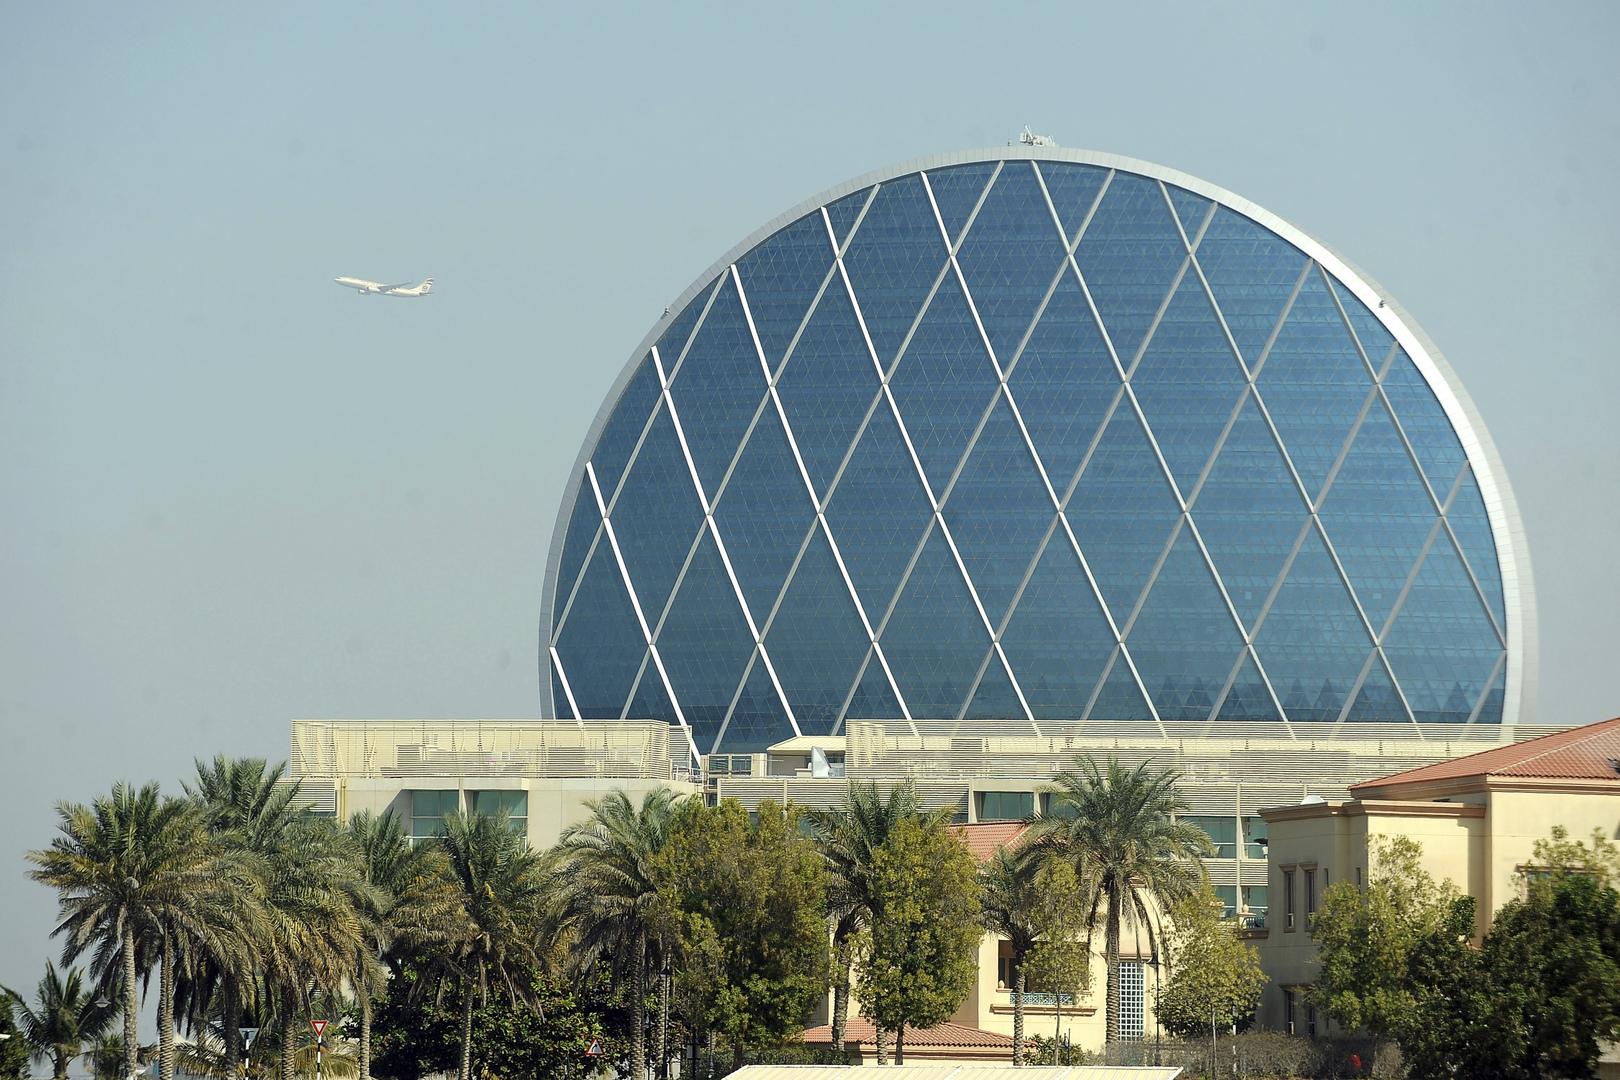 المقر الرئيسي لشركة الدار العقارية على شاطئ الراحة في أبوظبي